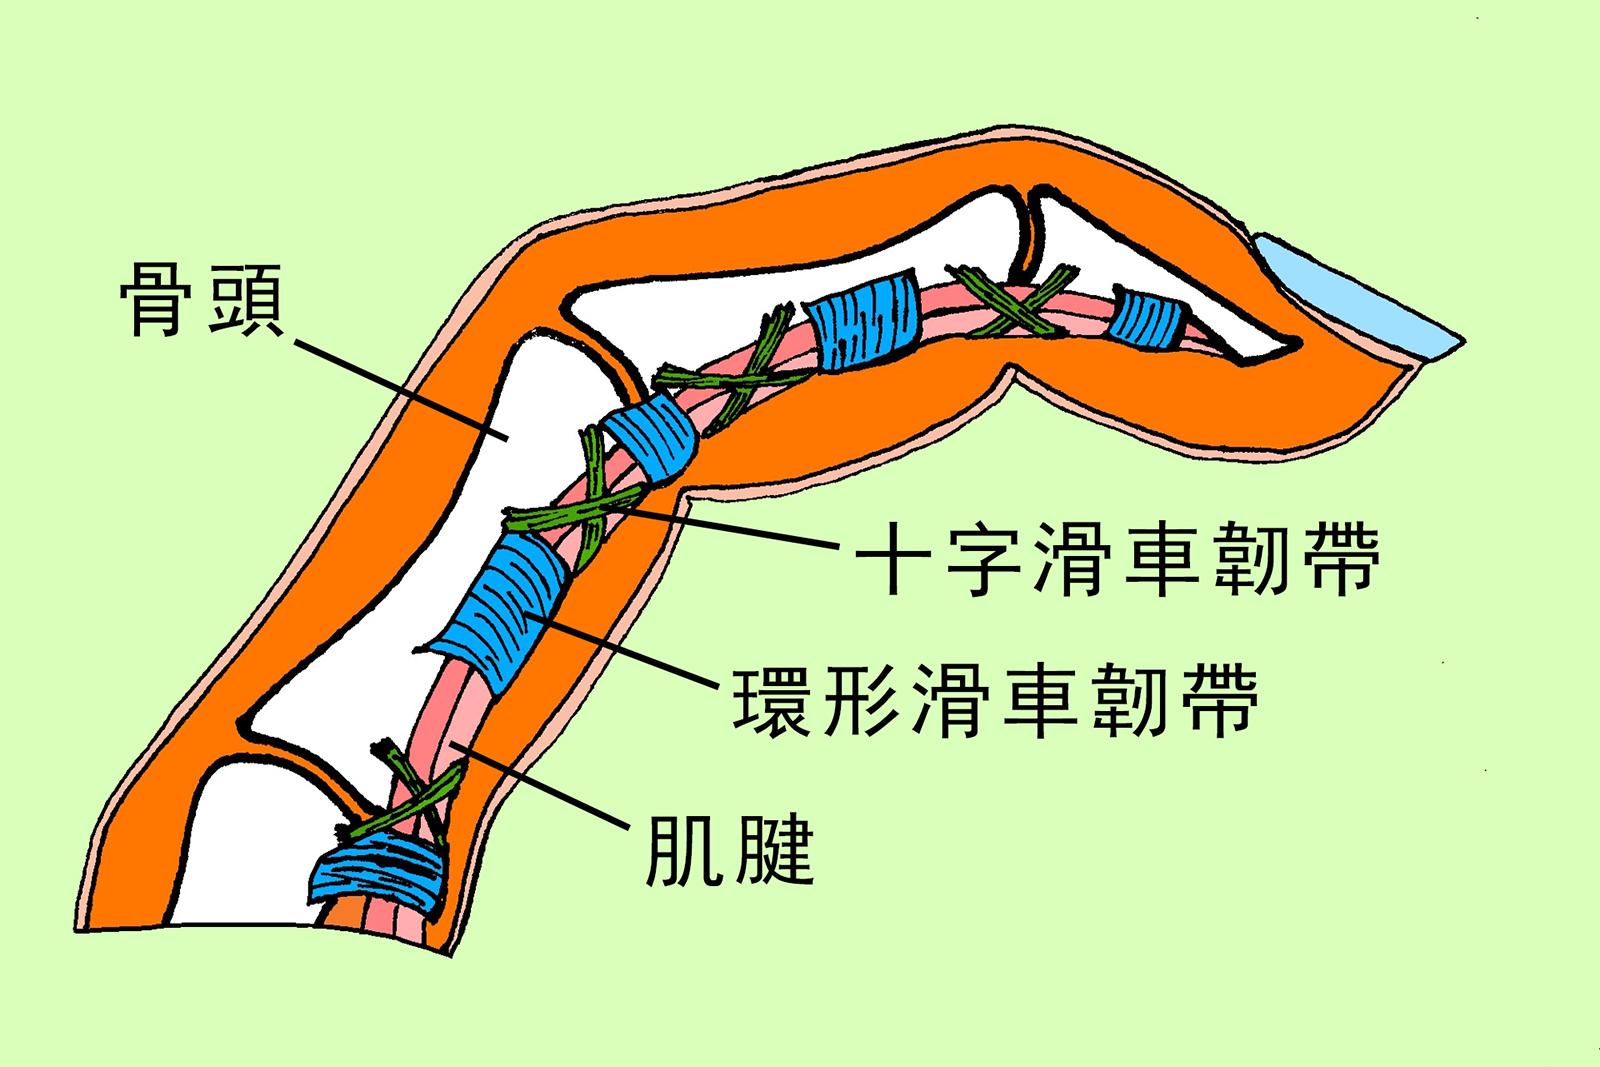 好痛痛 - 運動傷害 (8) 攀巖常見的手指痛手指滑車韌帶撕裂傷 (by ATX 姚斯元物理治療師)